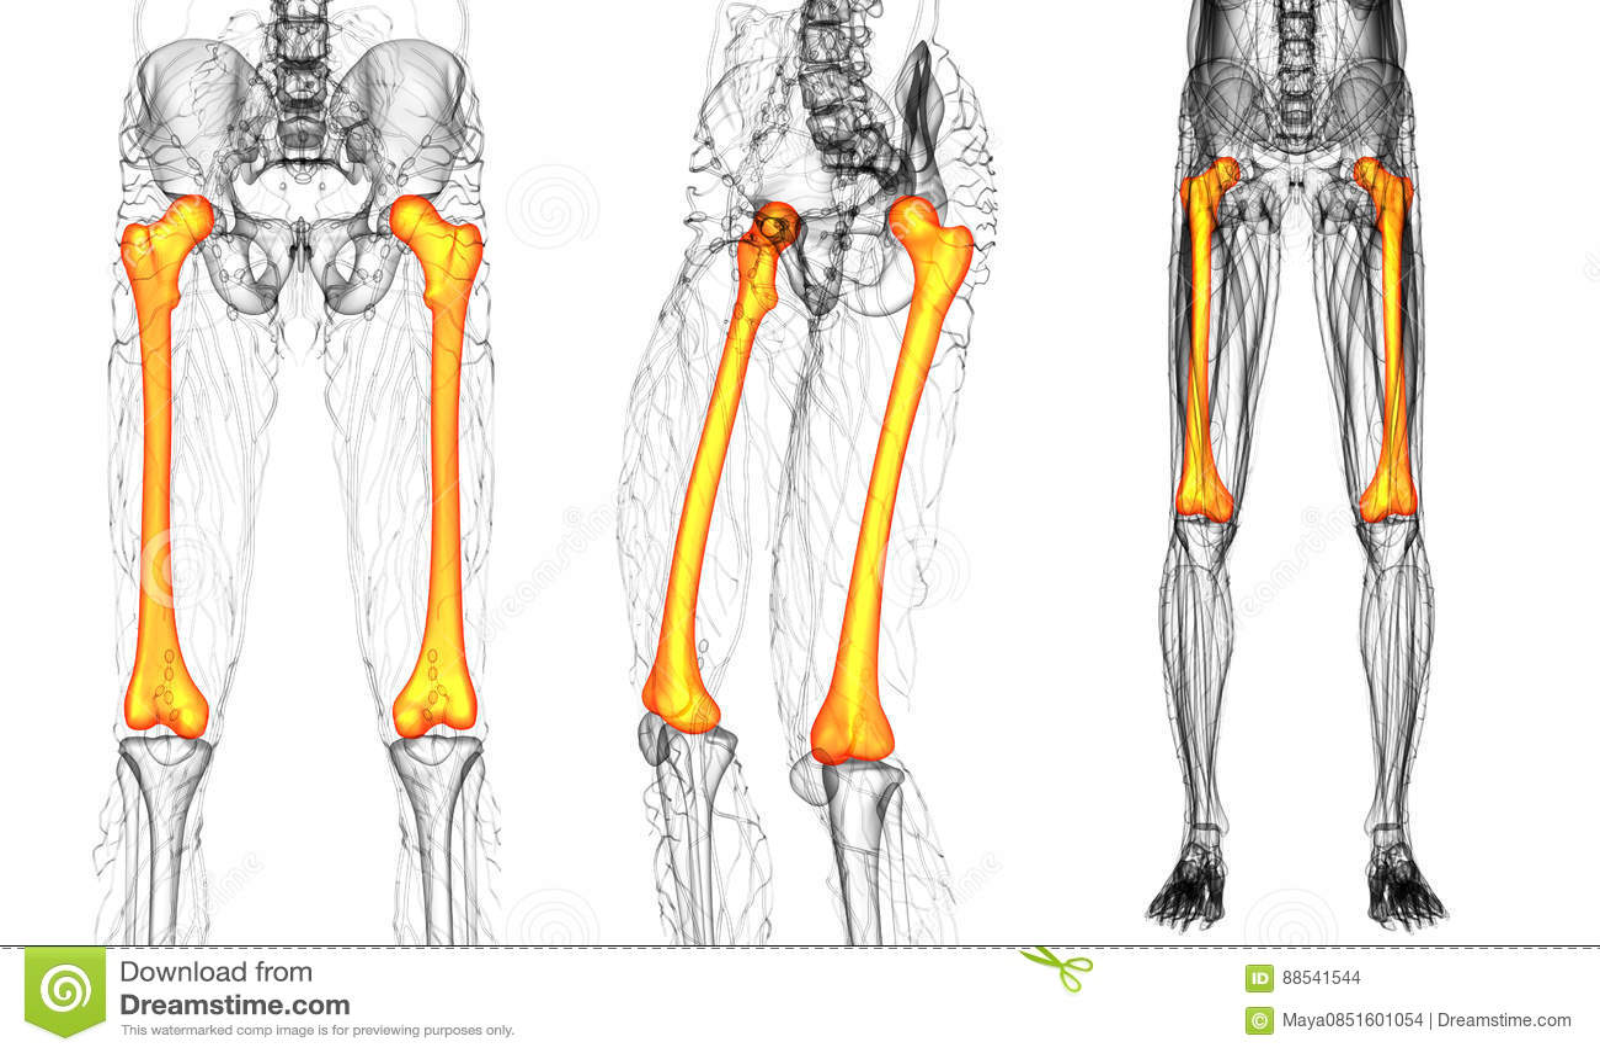 Femur bone